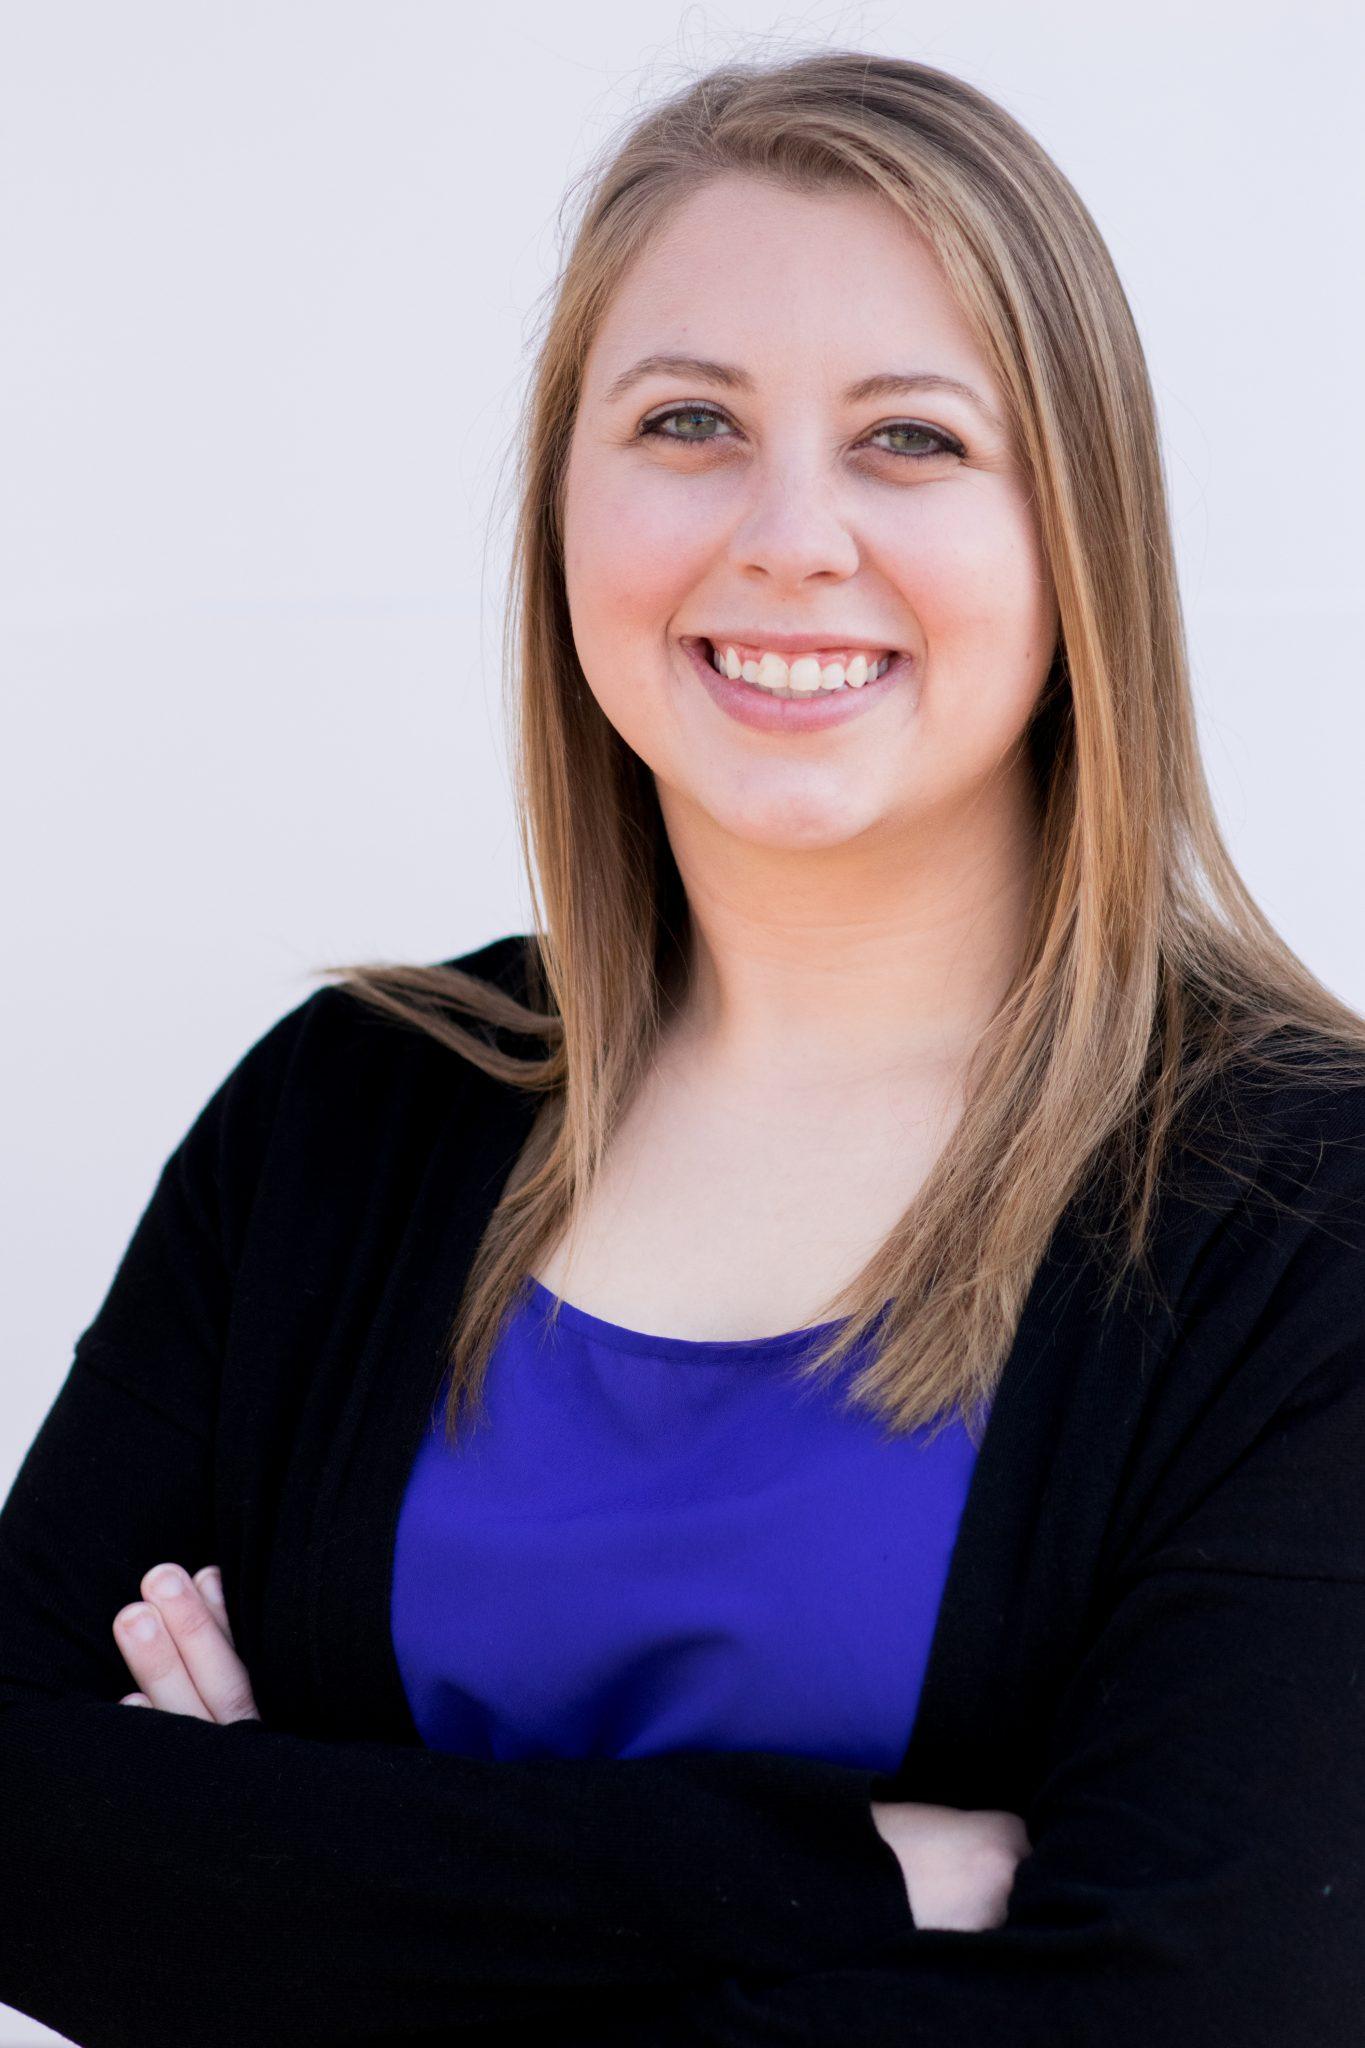 Cayla Hicks